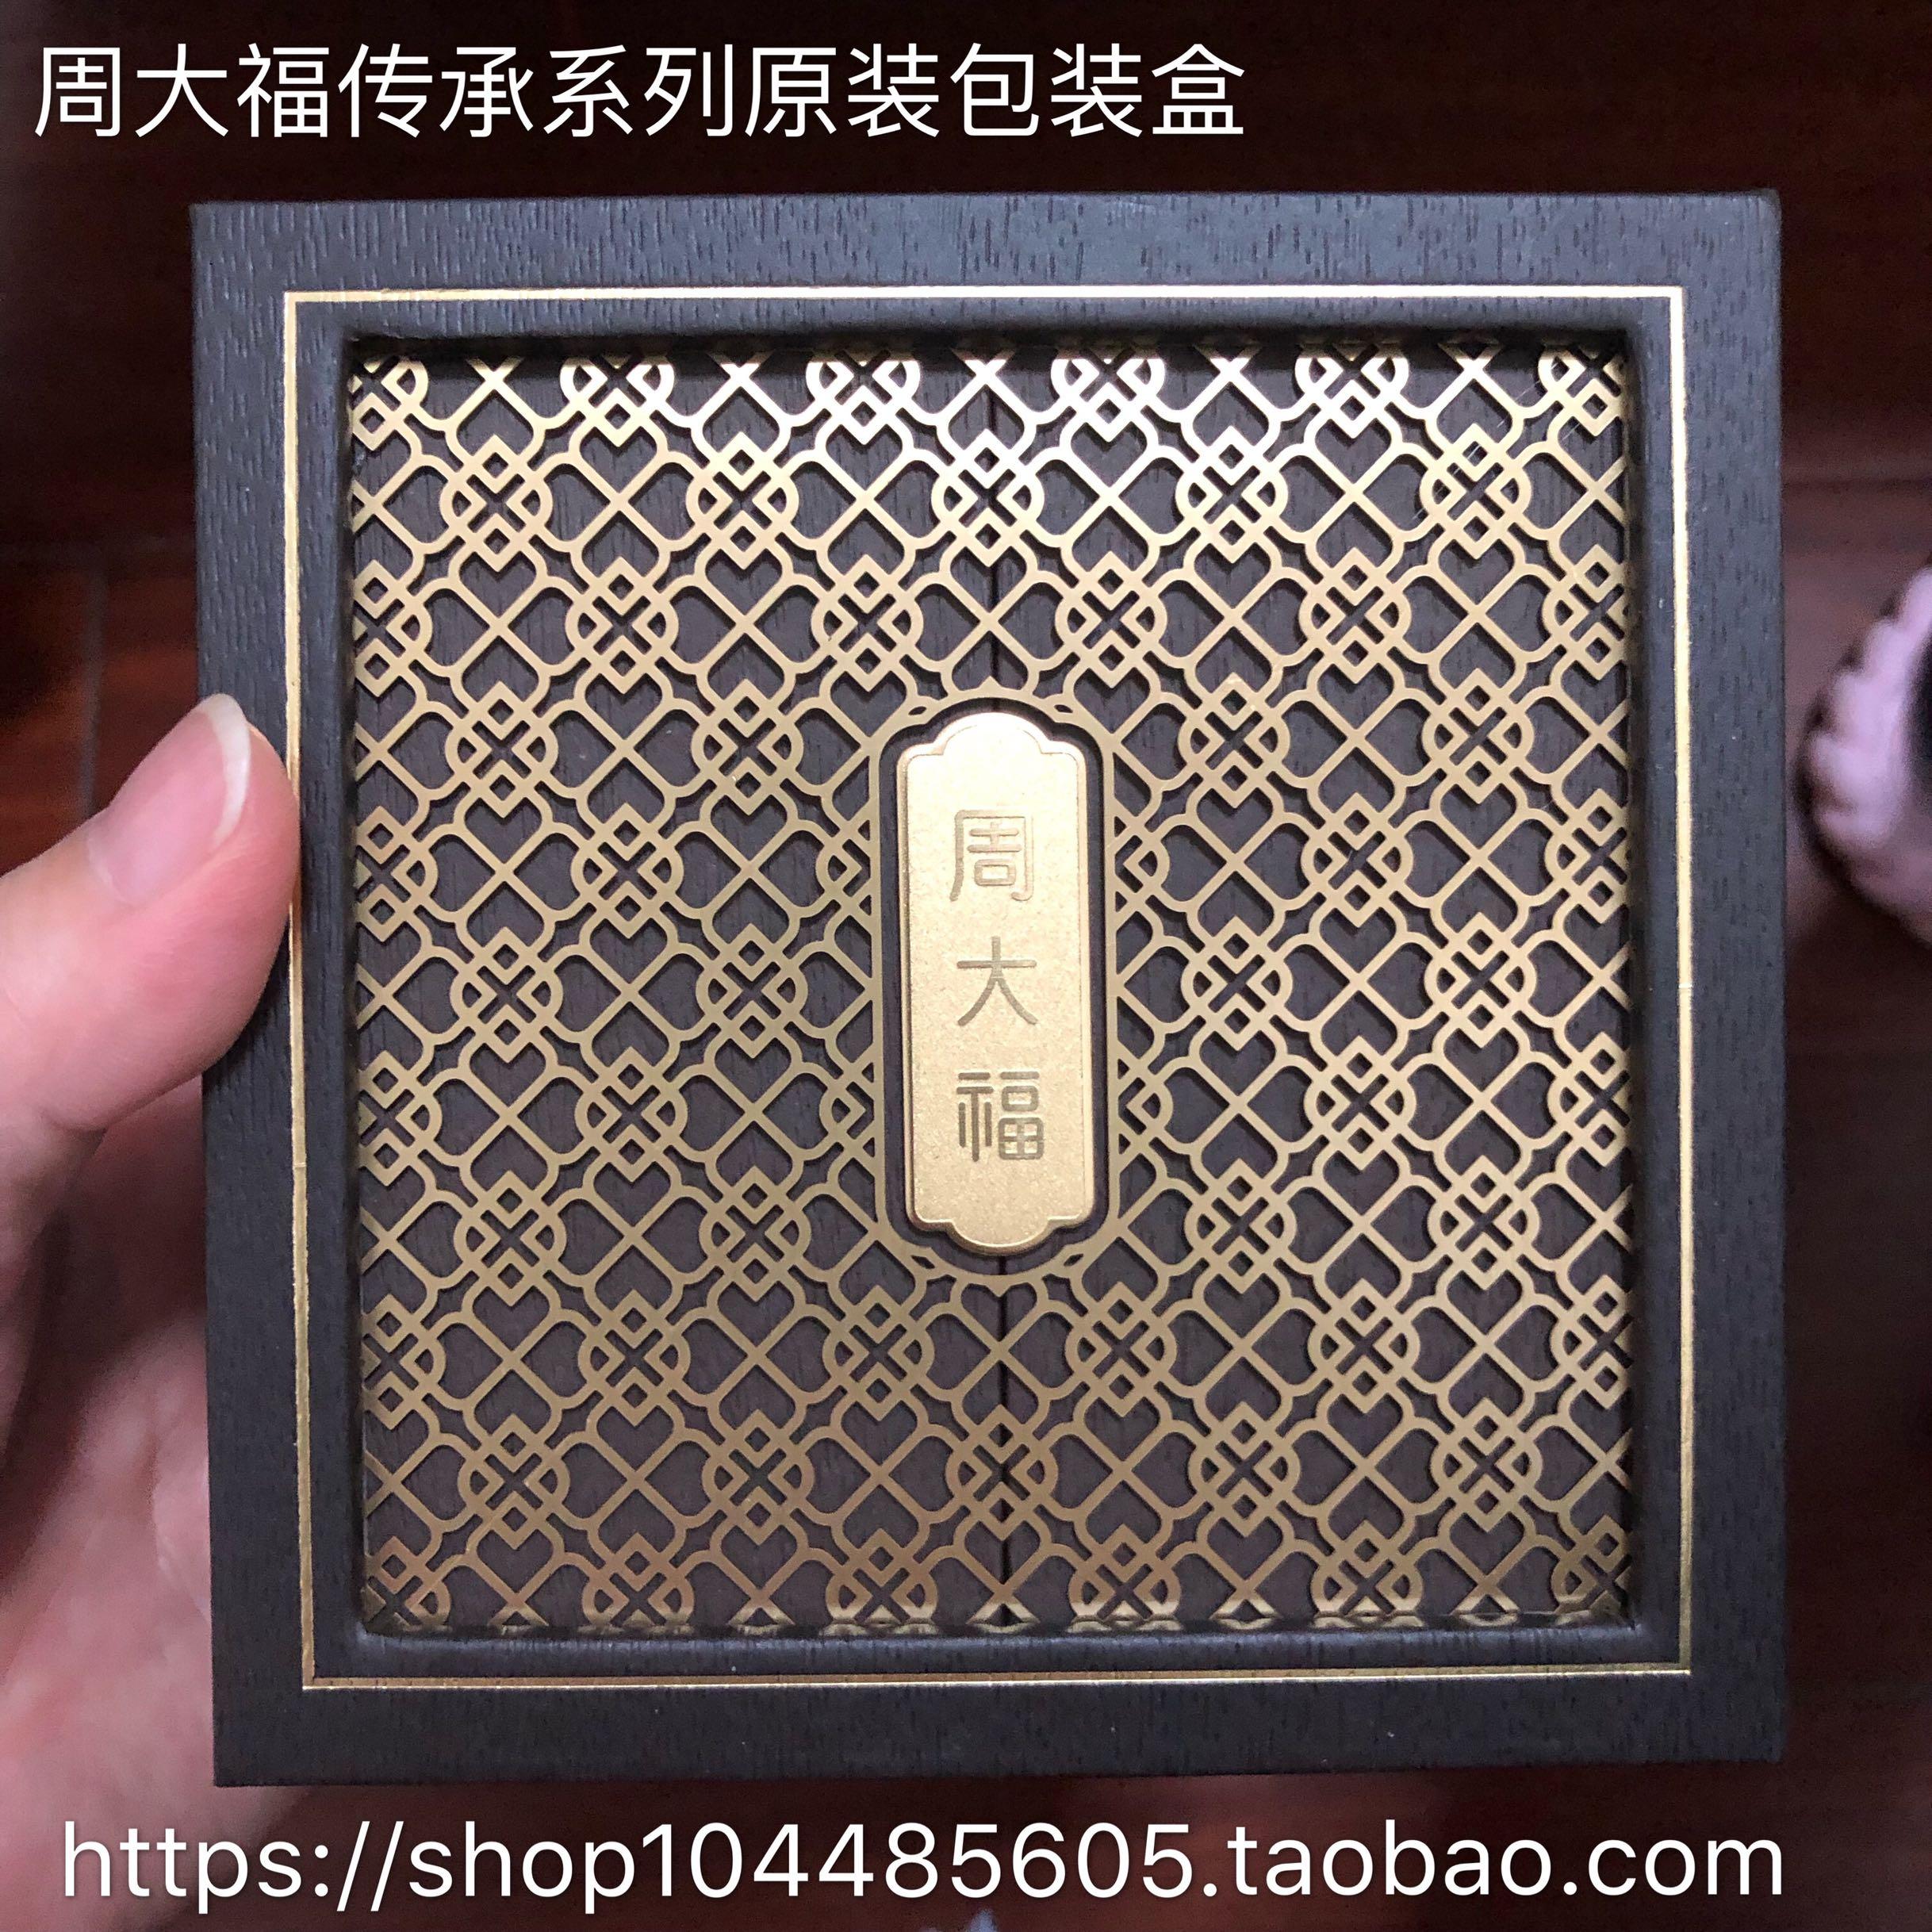 满68.00元可用1元优惠券周大福传承礼盒传承系列原装包装盒正品规格11.5*11.5*6厘米 正品